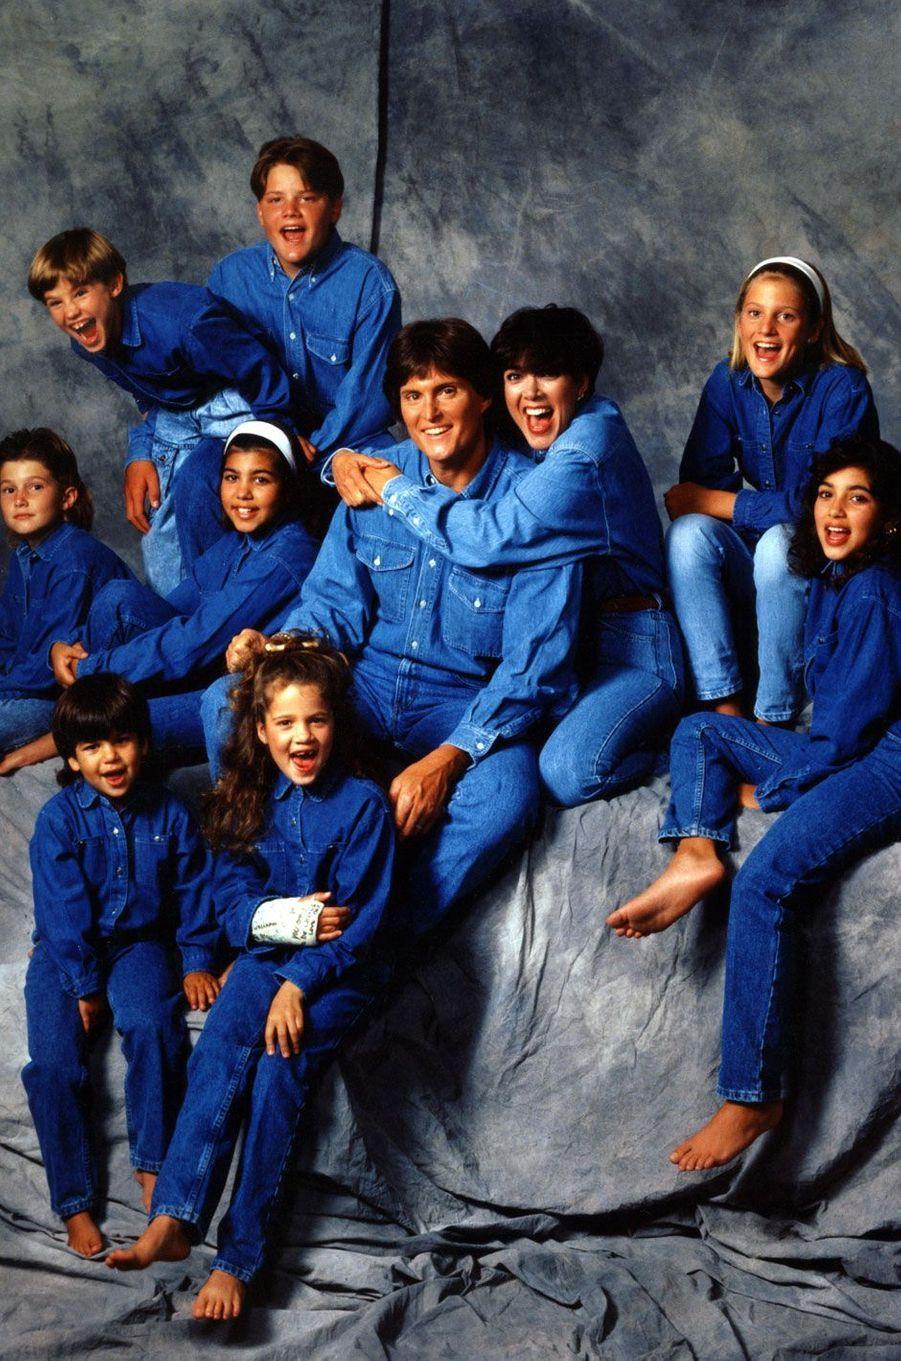 Photo de famille en 1991 : Brody Jenner, Kourtney Kardashian, Bruce Jenner, Kris Jenner, Cassandra Jenner, Kim Kardashian, Brandon Jenner, Burton Jenner, Robert Kardashian Jr. et Khloe Kardashian